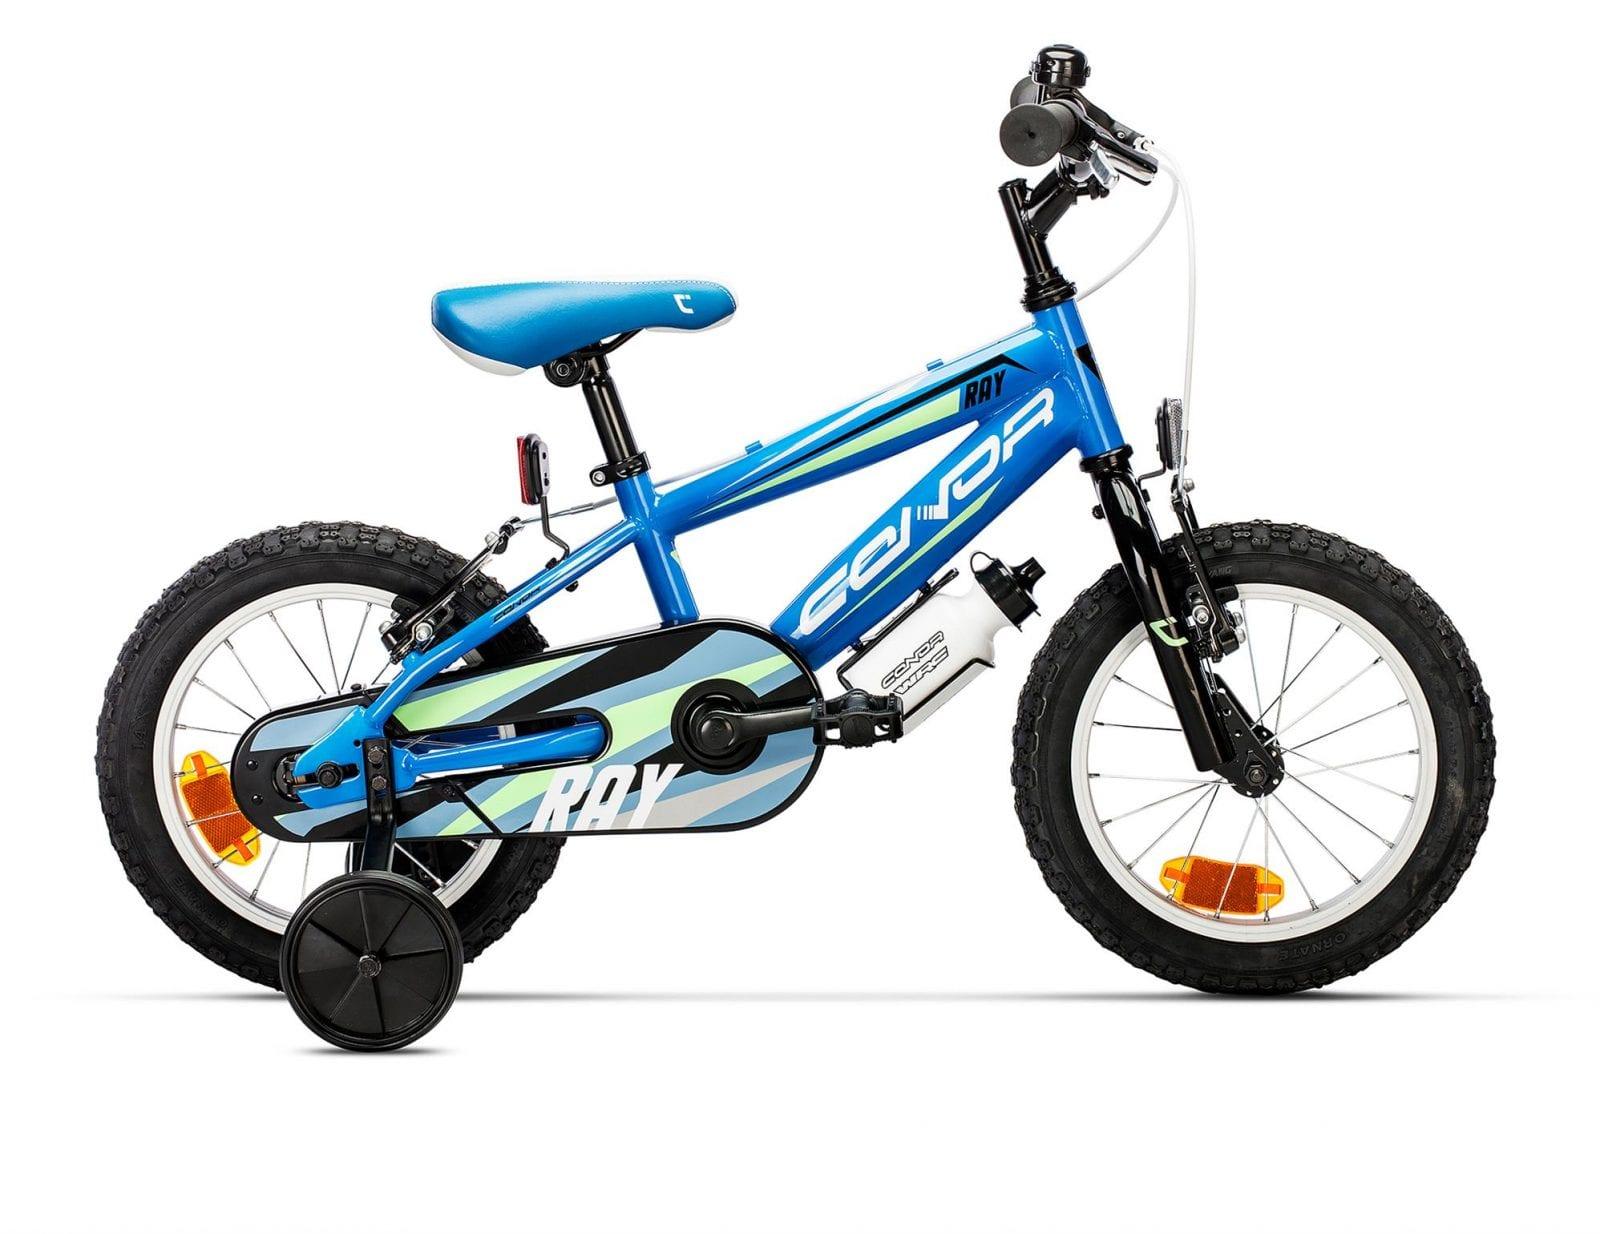 Conor-Ray-14-Azul-Vuk-Bikes-Madrid